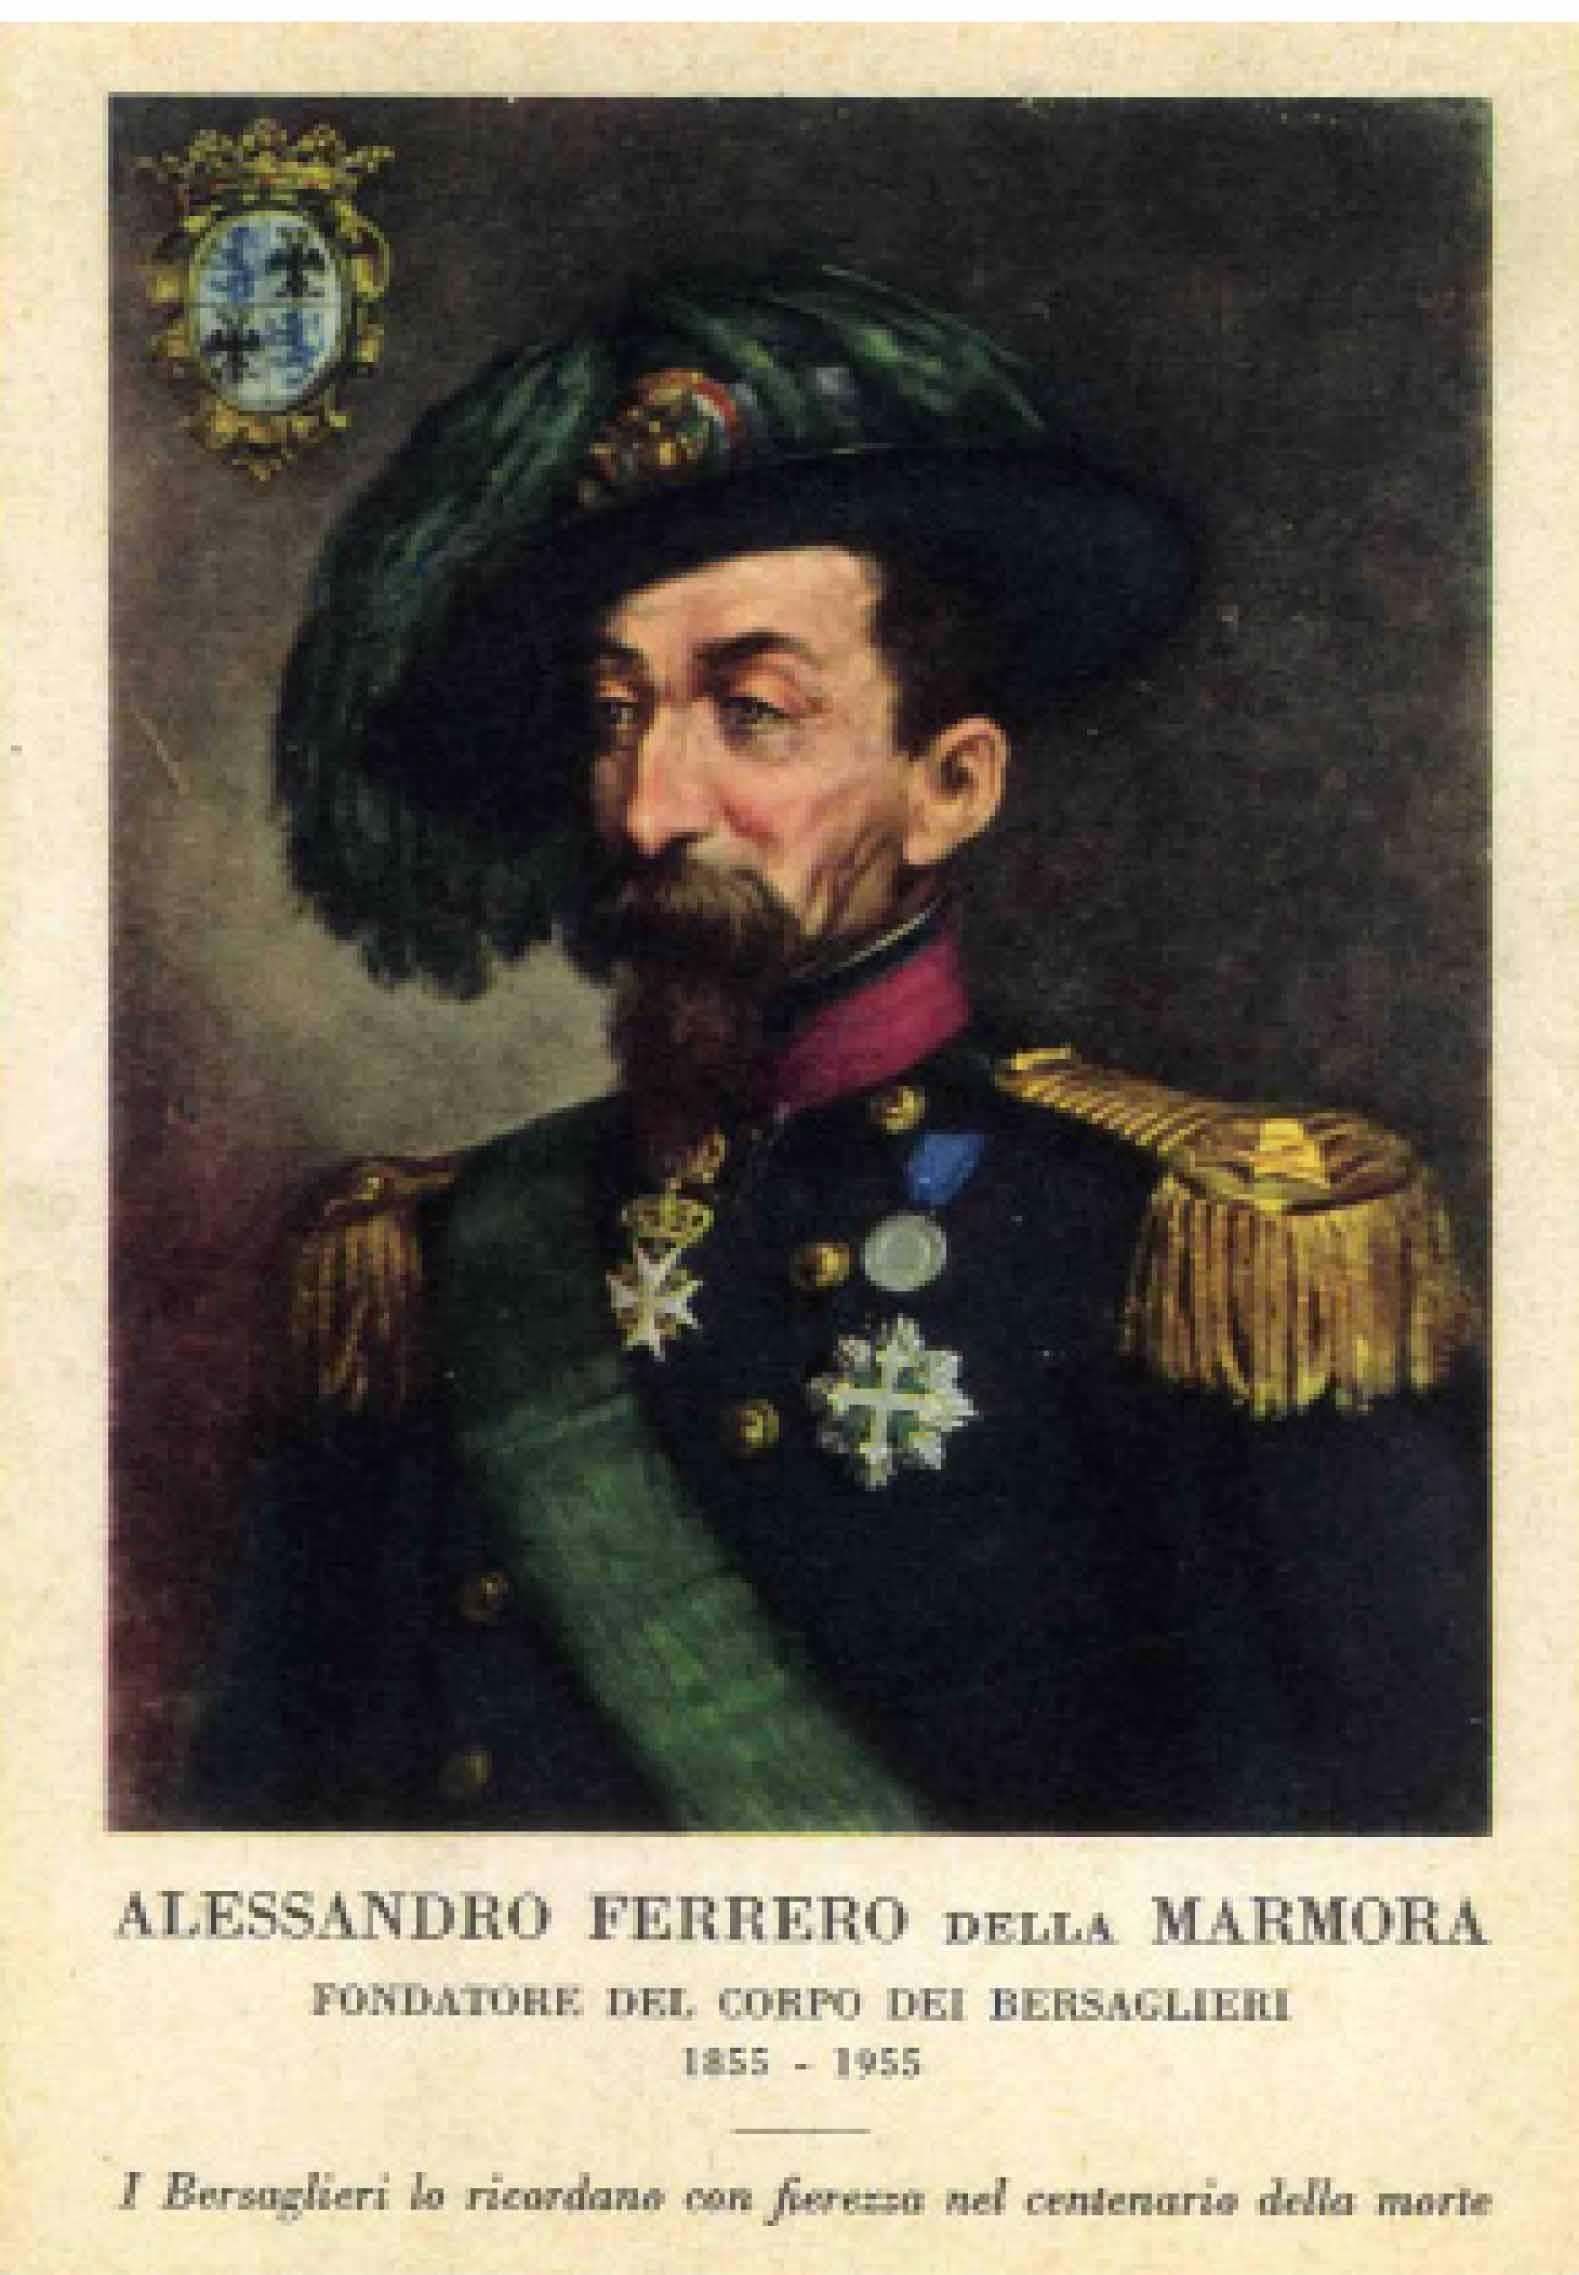 La Marmora